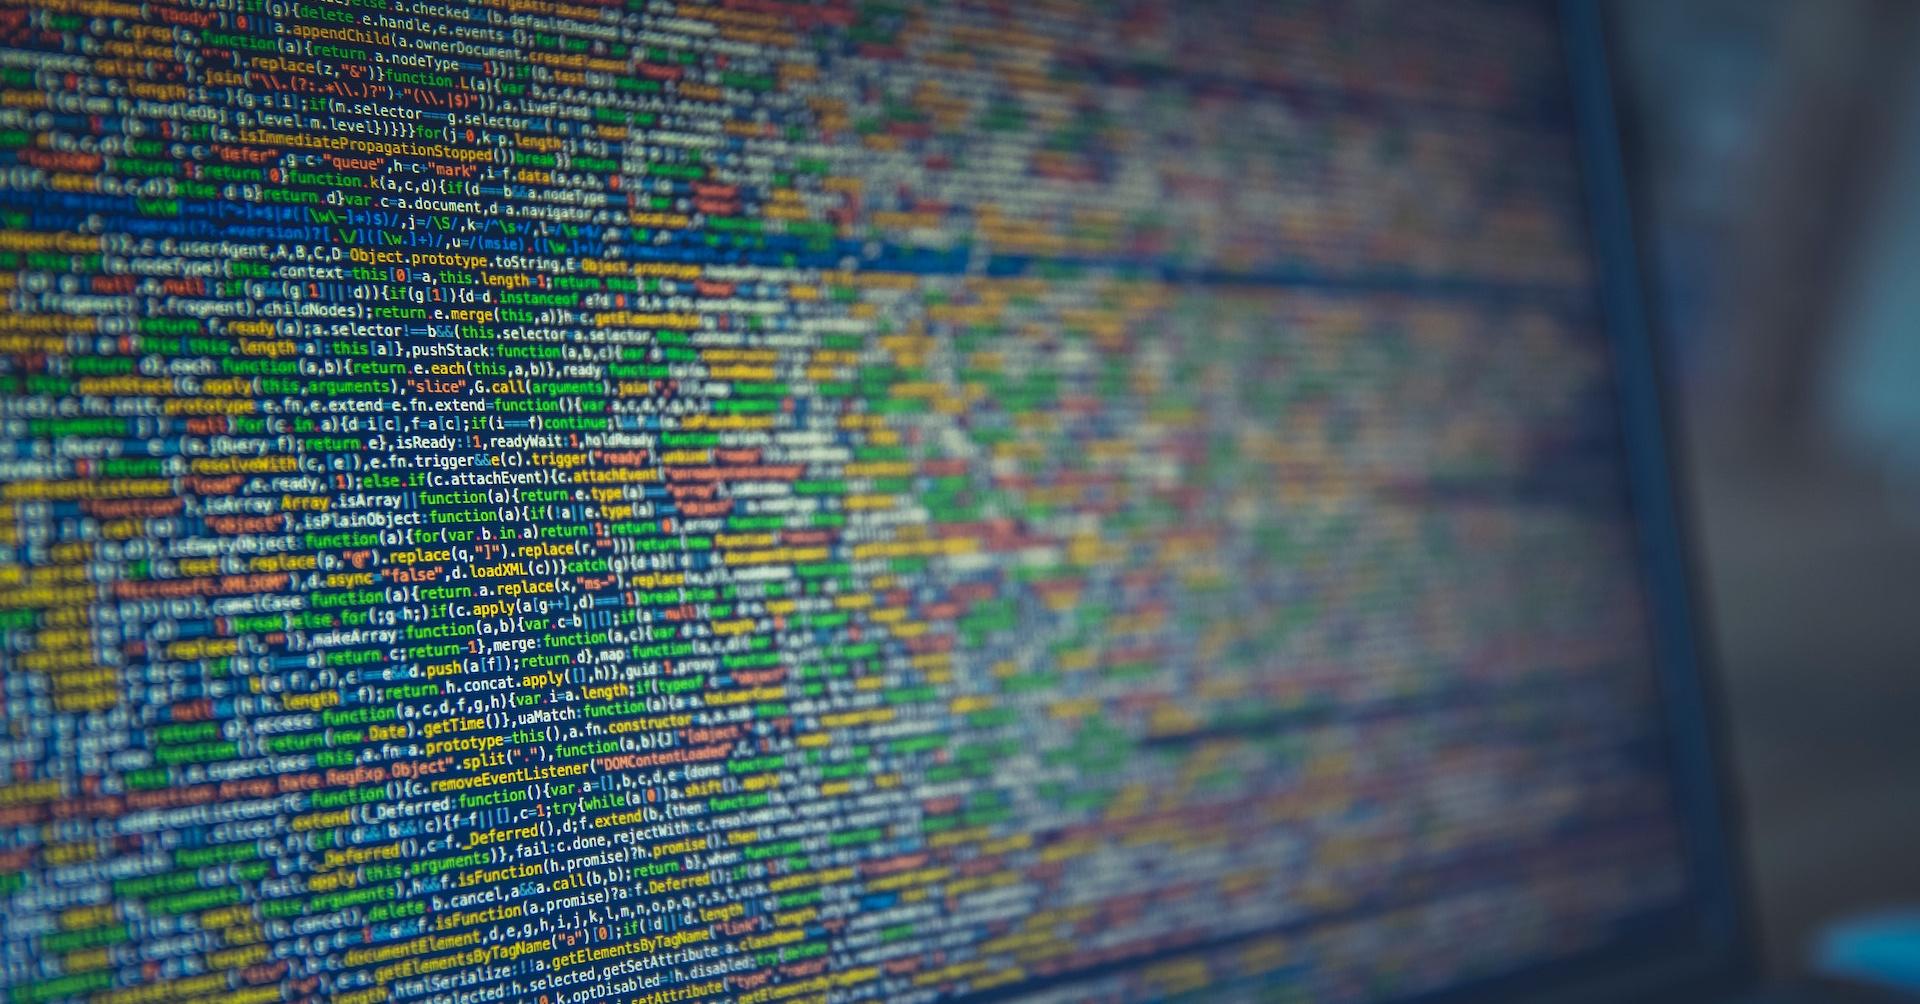 Magyarország is vett a Candiru kémszoftverből